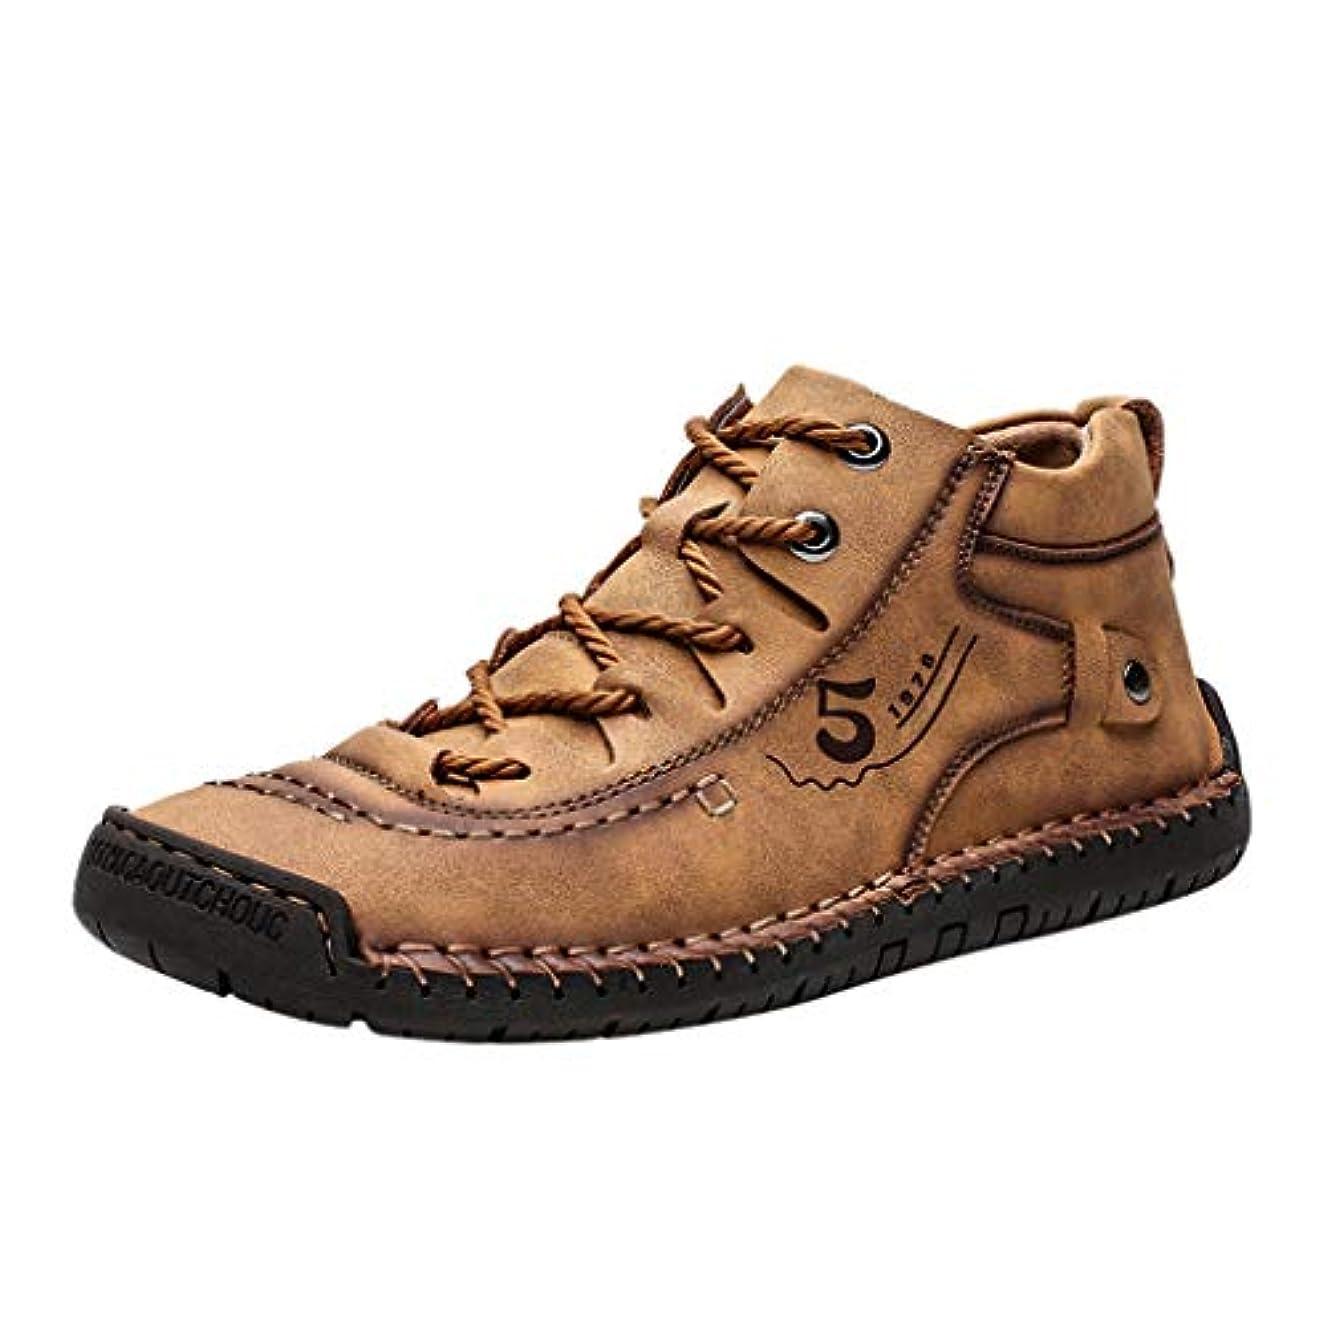 広い公園褐色Lefthigh アウトドア メンズ 通気性 フラット プラス ベルベット ブーツ ハイキングシューズ カジュアル 快適 バックパッキングブーツ